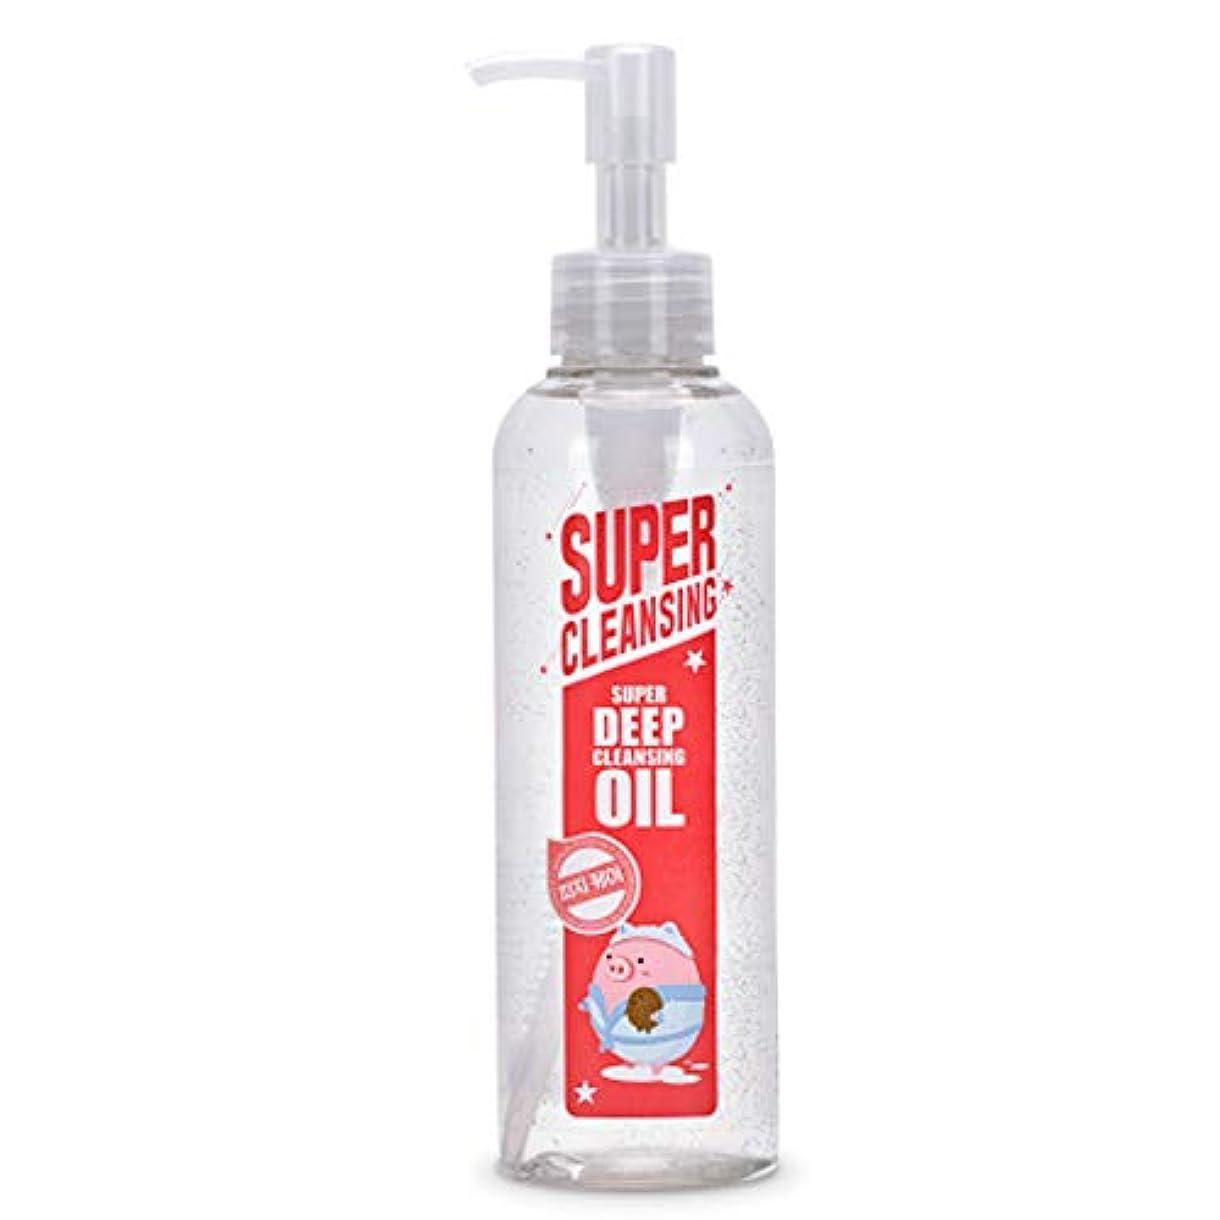 鋭く解明する規定Mefactory Super Deep Cleansing Oil ミファクトリ? スーパーディープクレンジングオイル [並行輸入品]